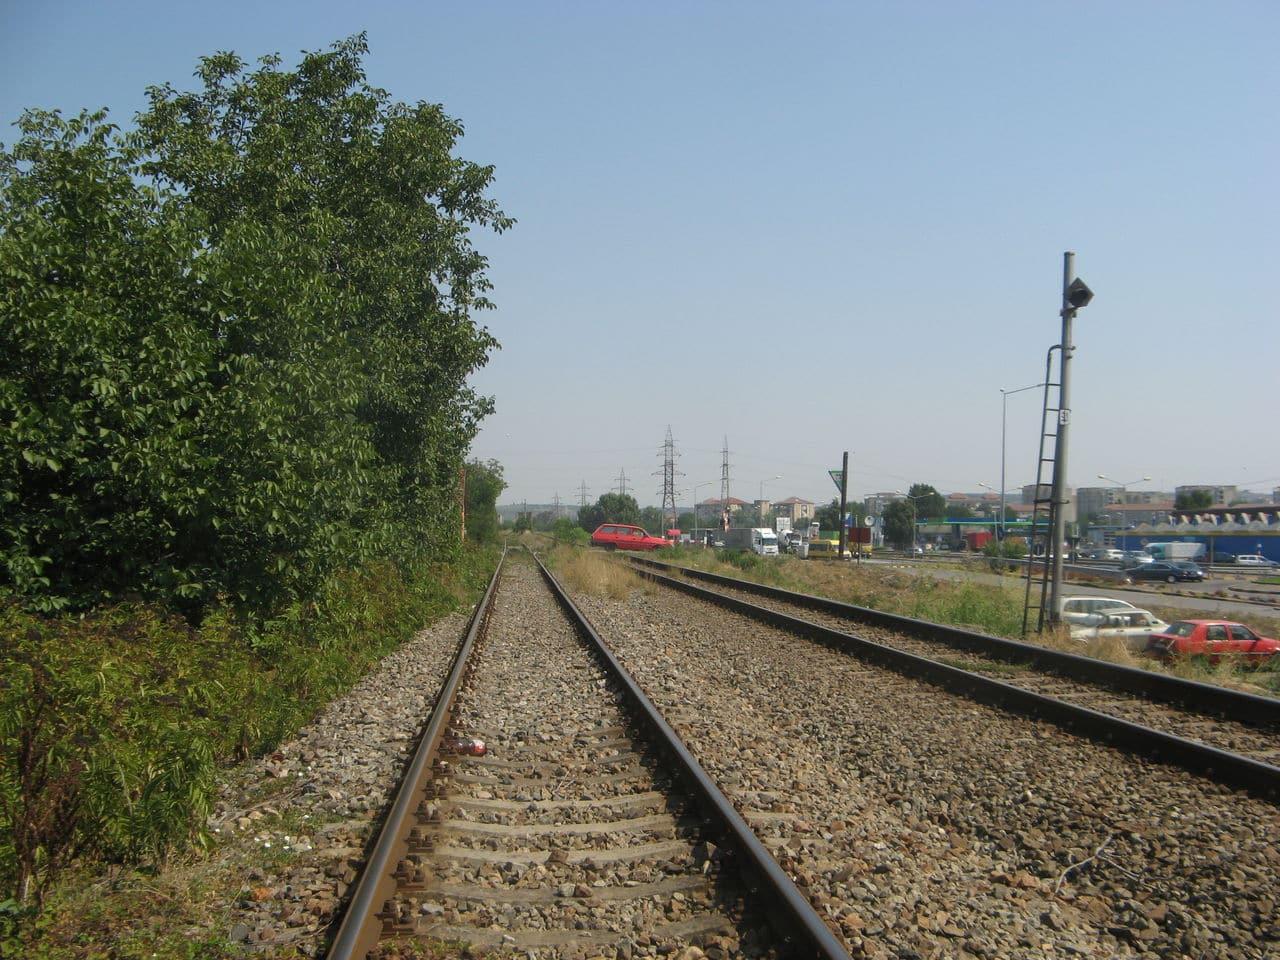 Calea ferată directă Oradea Vest - Episcopia Bihor IMG_0008